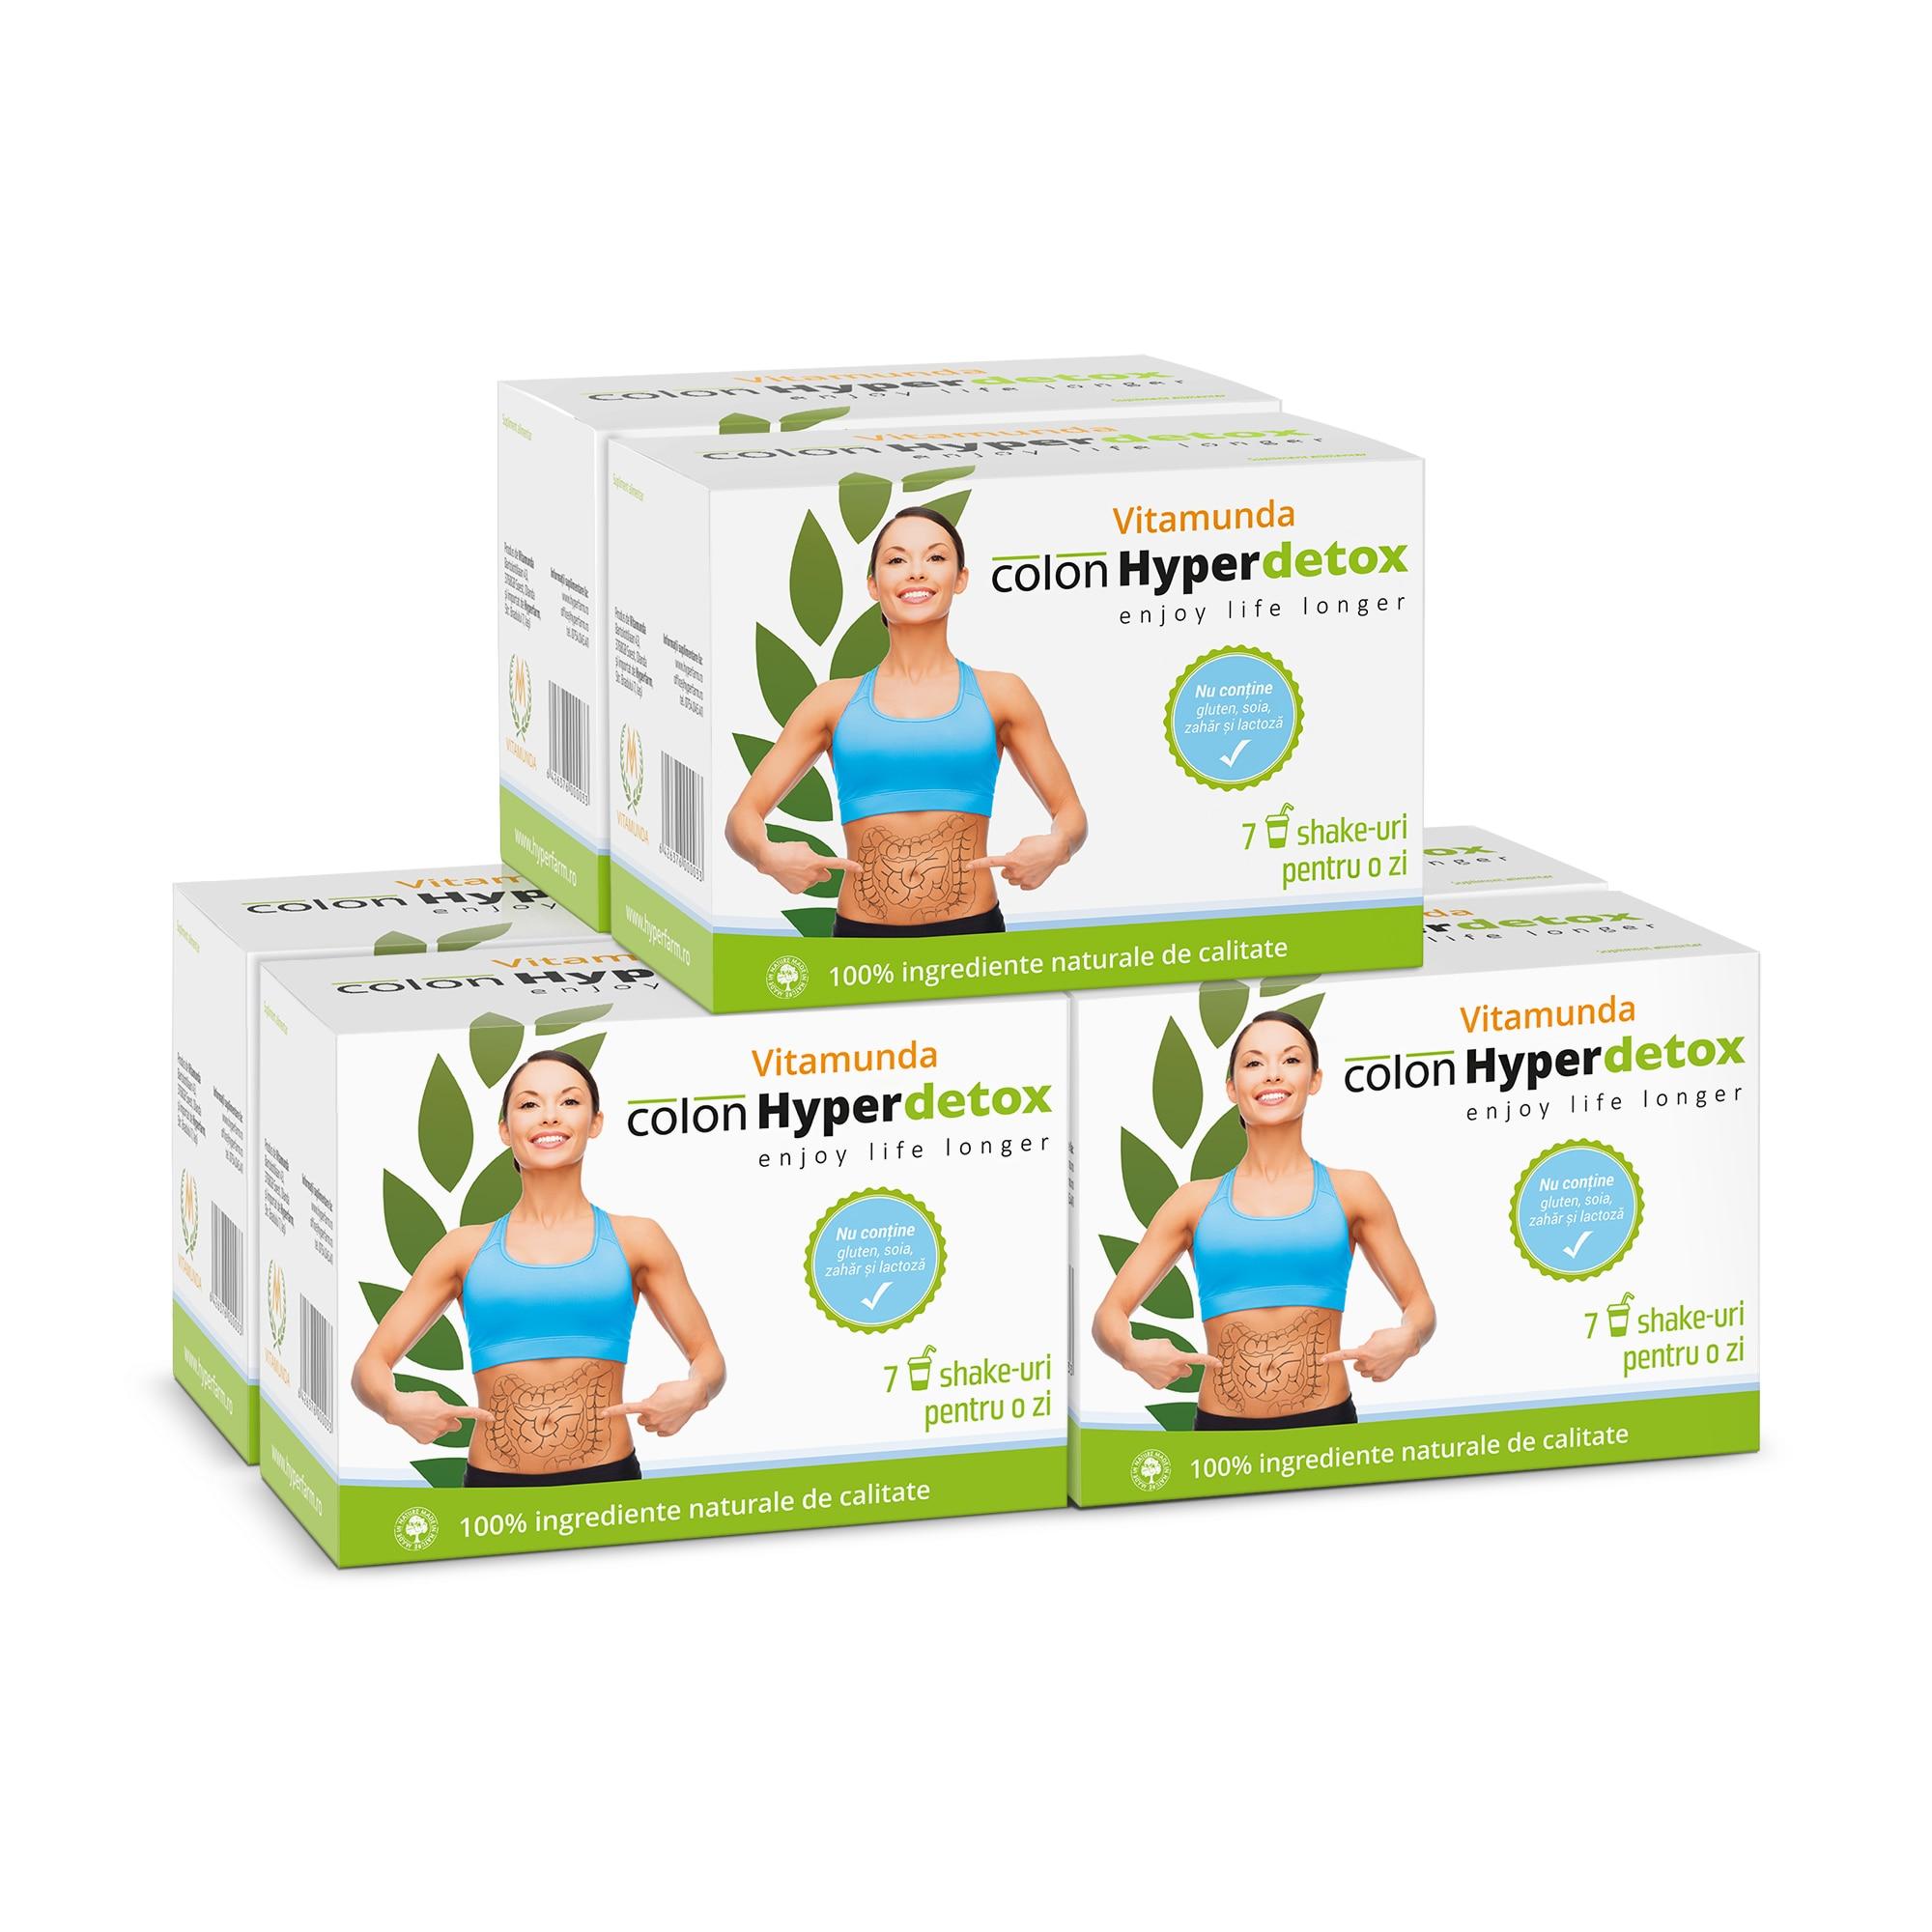 Detoxifiere pentru sănătate Toxină mâncare retragere, yoga, detoxifiere, cura de slabire png